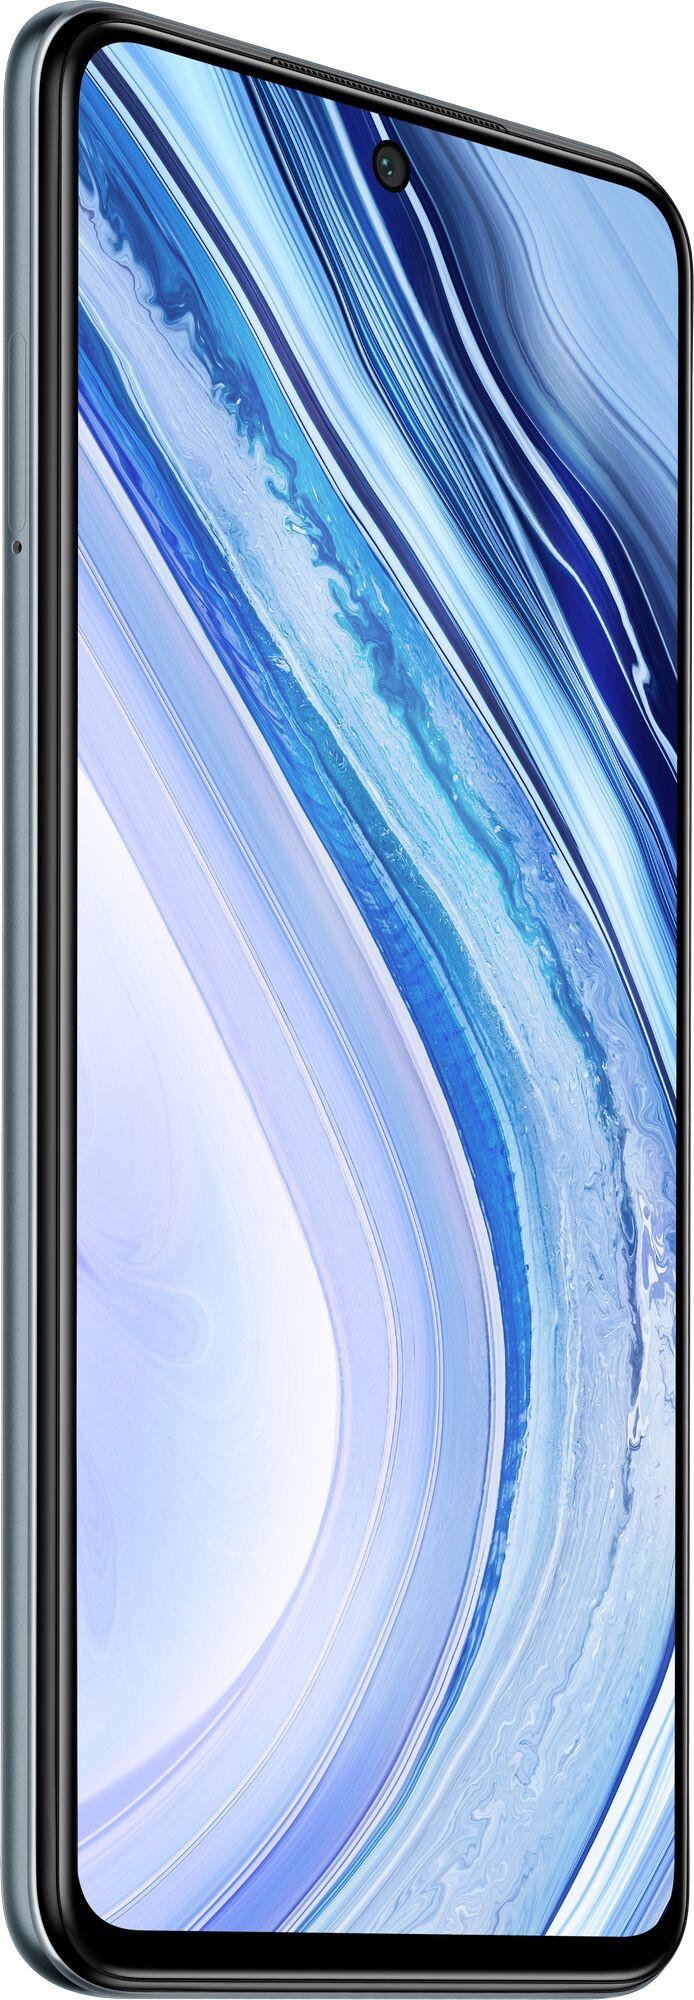 Xiaomi Redmi Note 9 Pro 6/128GB 867407053548318 - 2